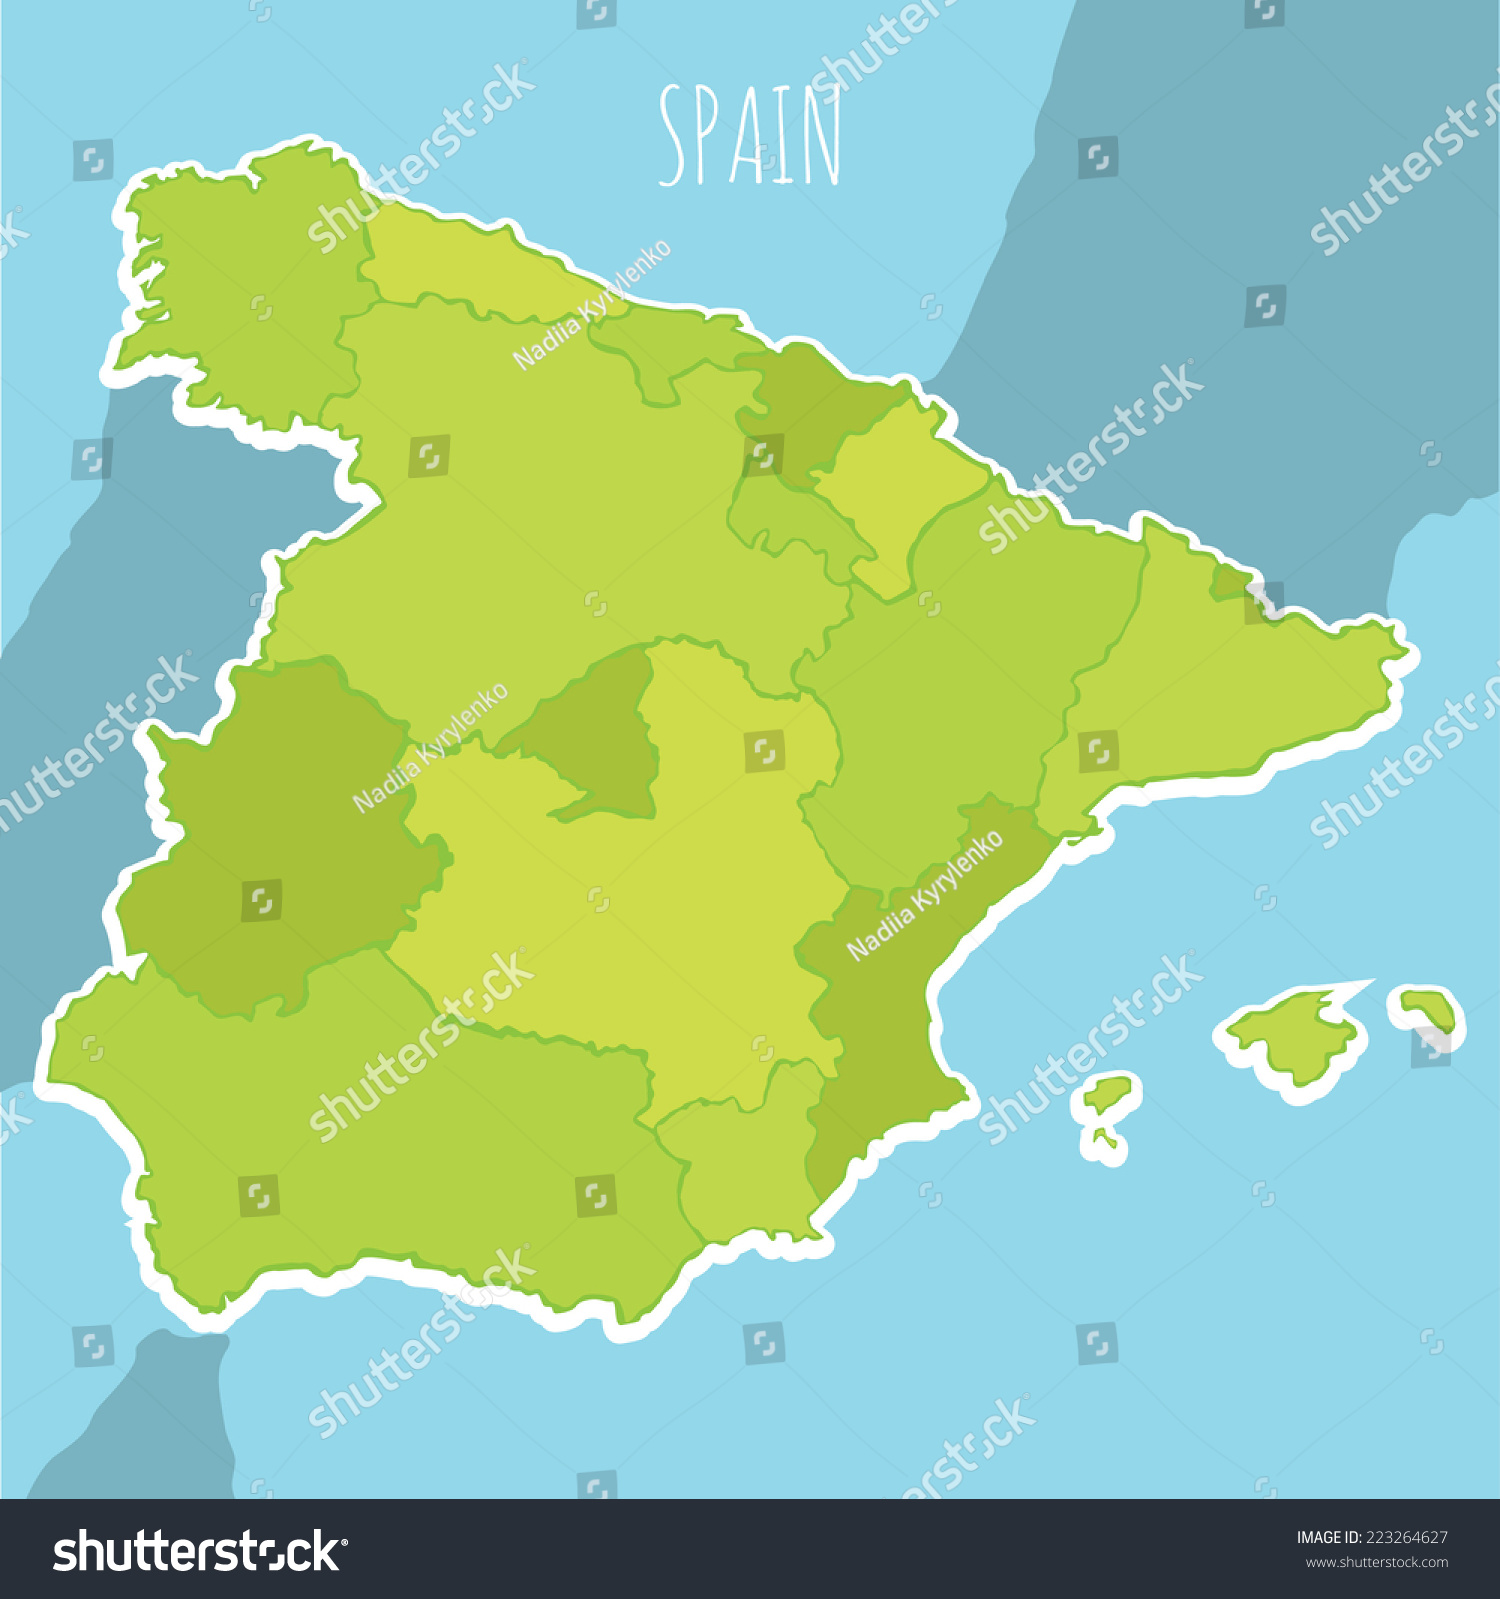 西班牙的矢量地图在蓝色背景上的地区-教育